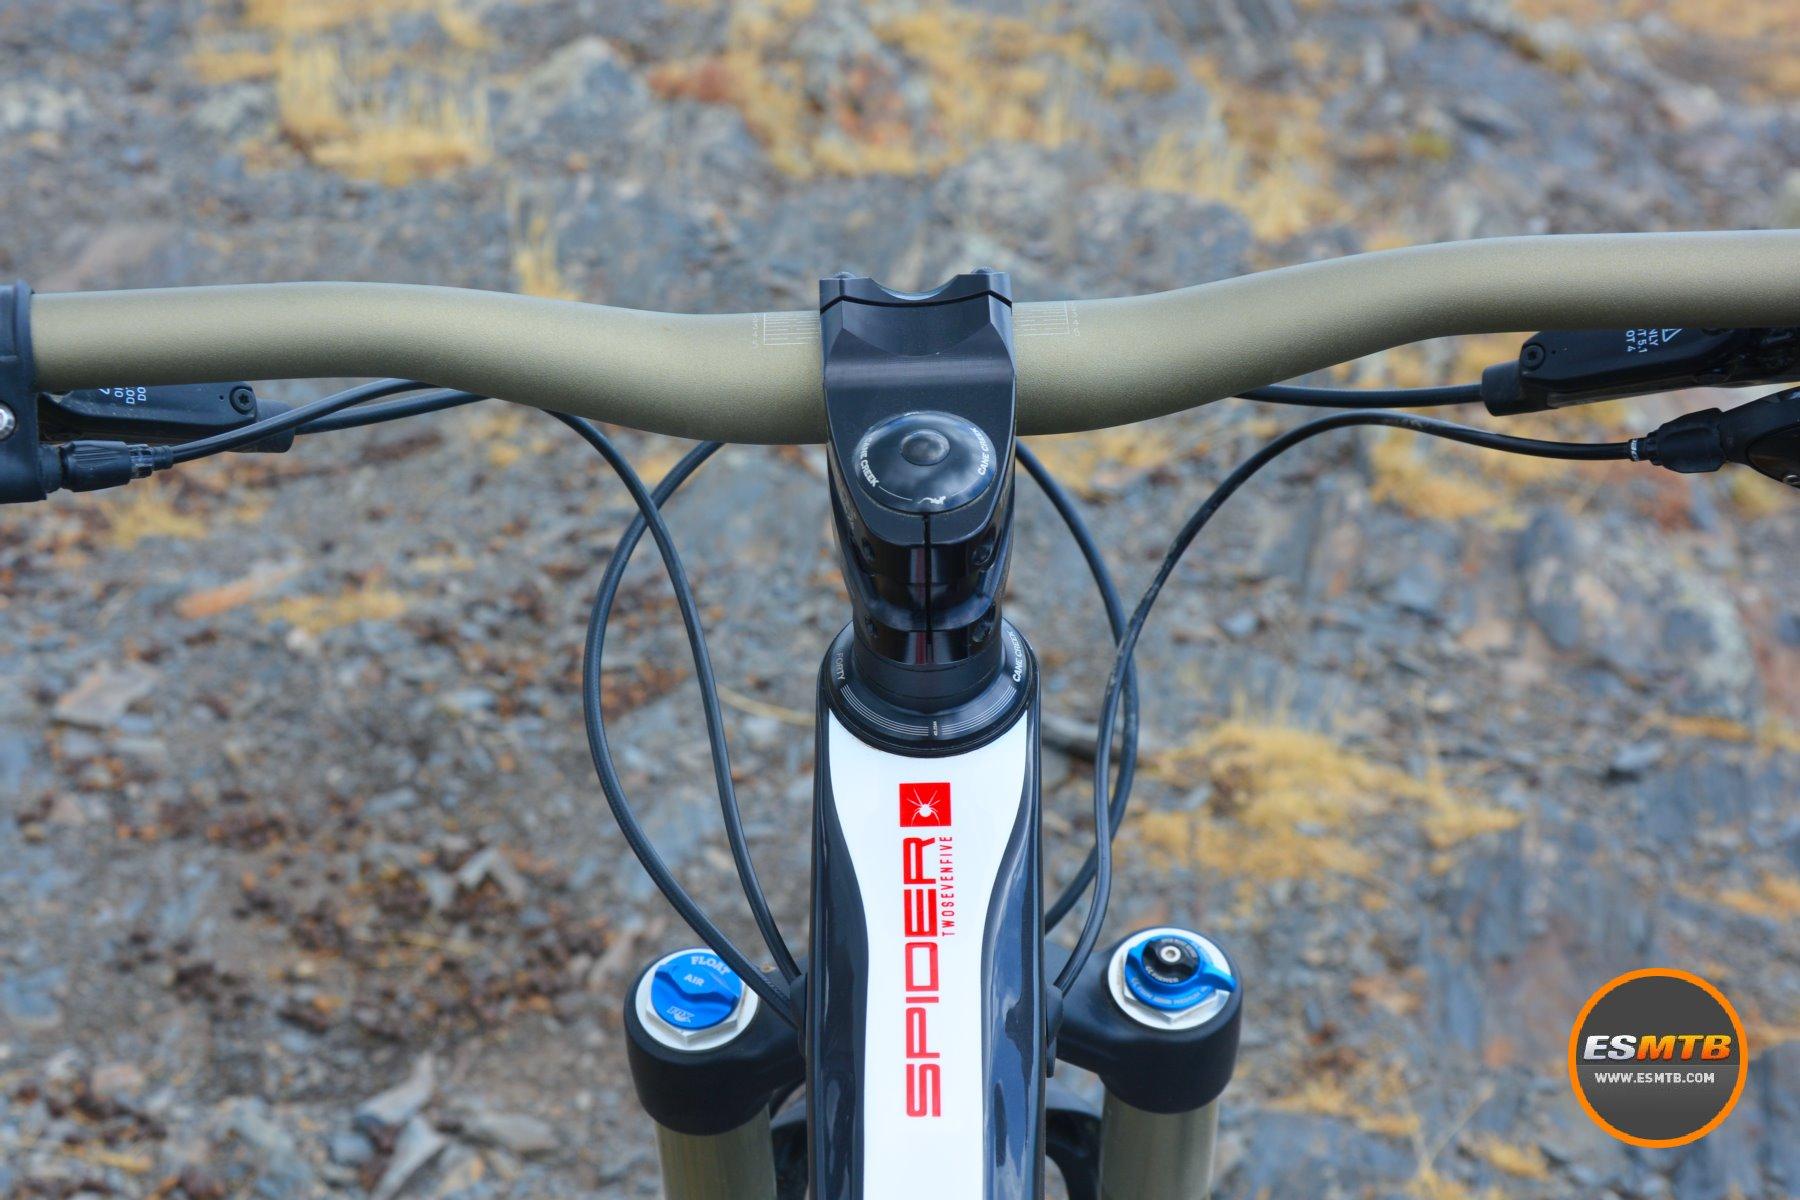 Manillar y potencia están clavados para lo que pide este tipo de bicicleta.